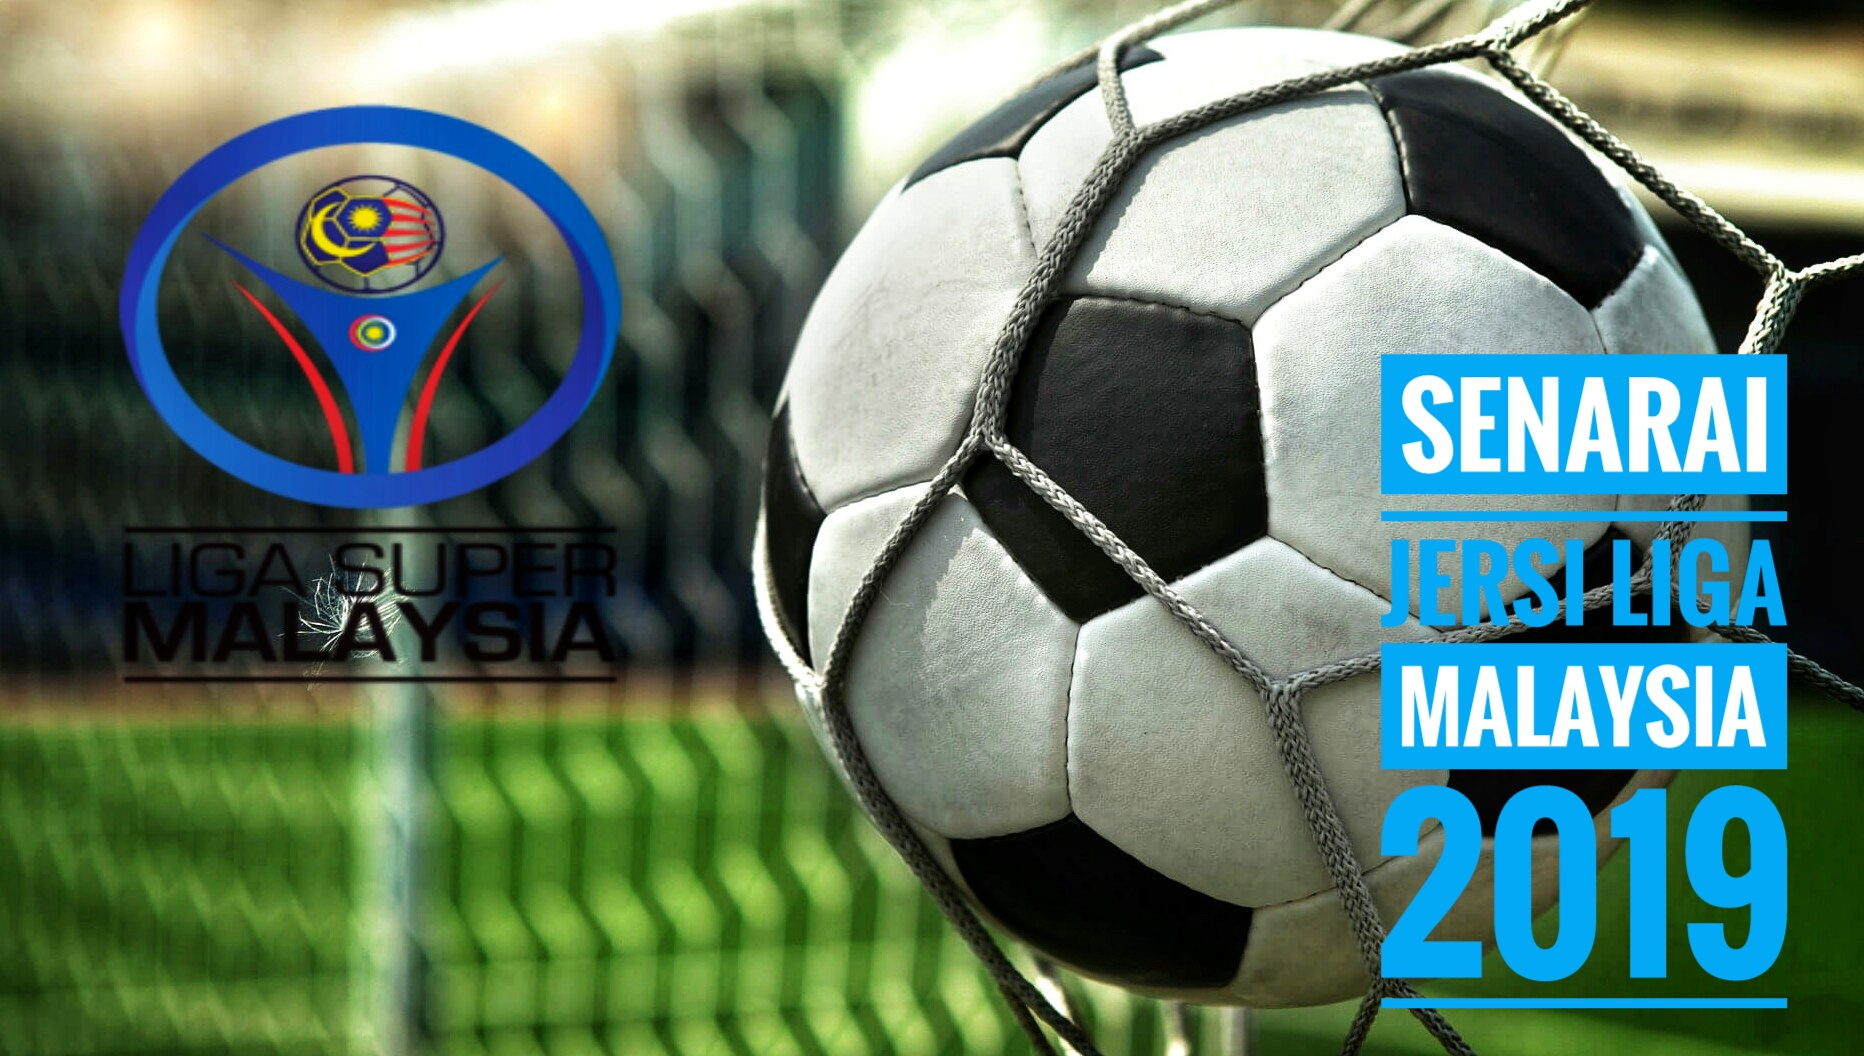 Senarai Jersi Liga Malaysia 2019